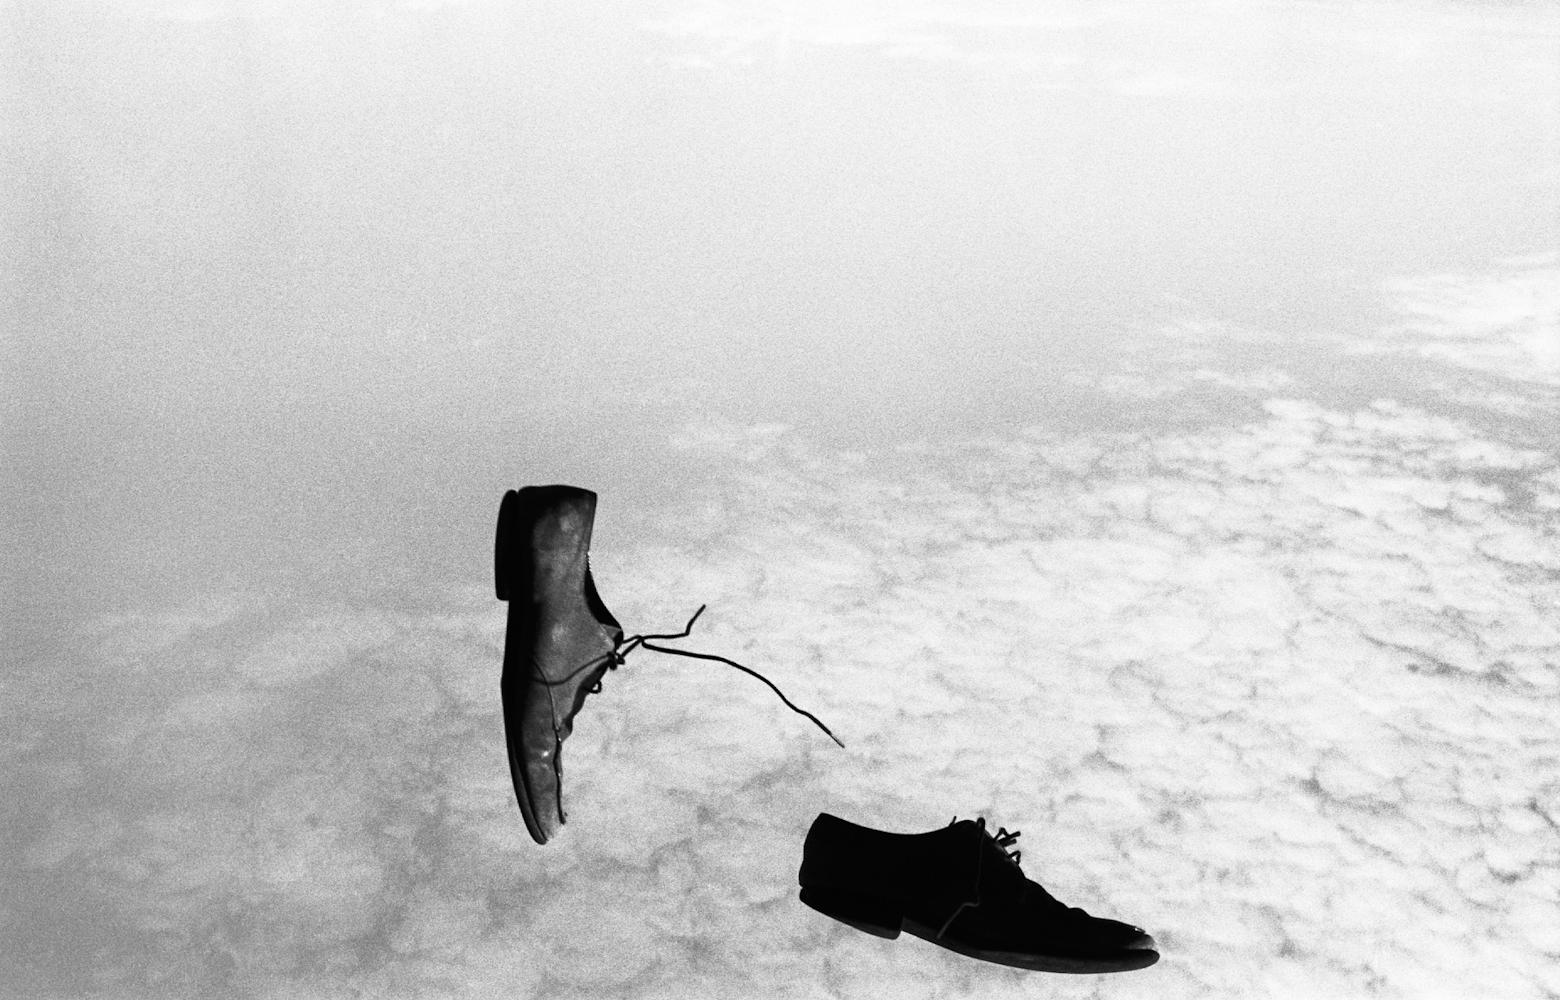 shoes_6x9_8x10.jpg